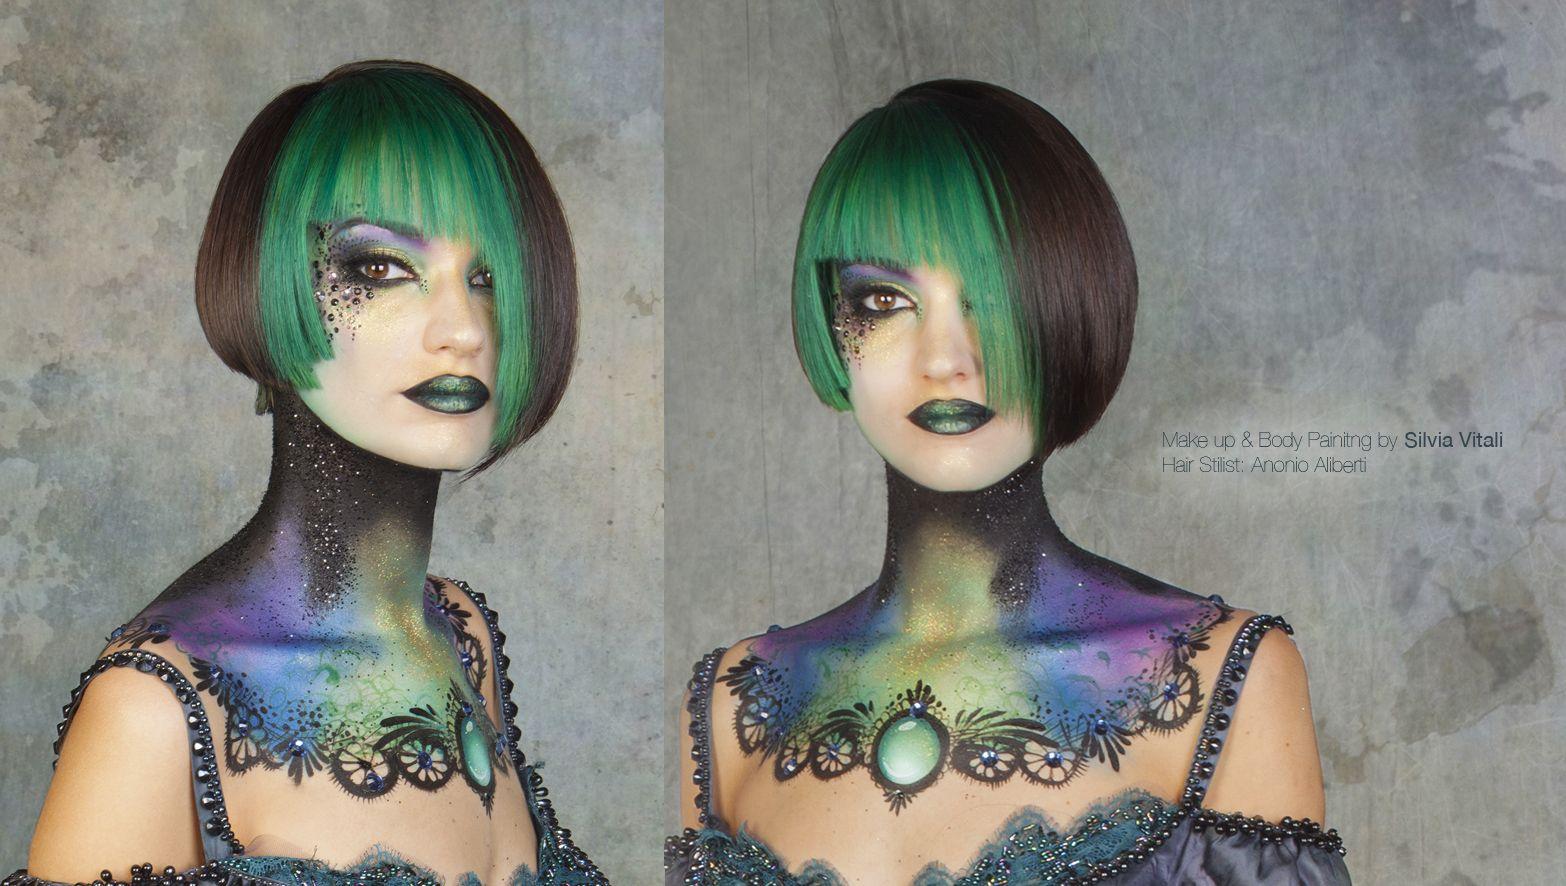 Make up & Body painitng Silvia Vitali Body  Hair Stilist: Antonio Aliberti 1°place_Forum del Parrucchiere Eccelente 2014